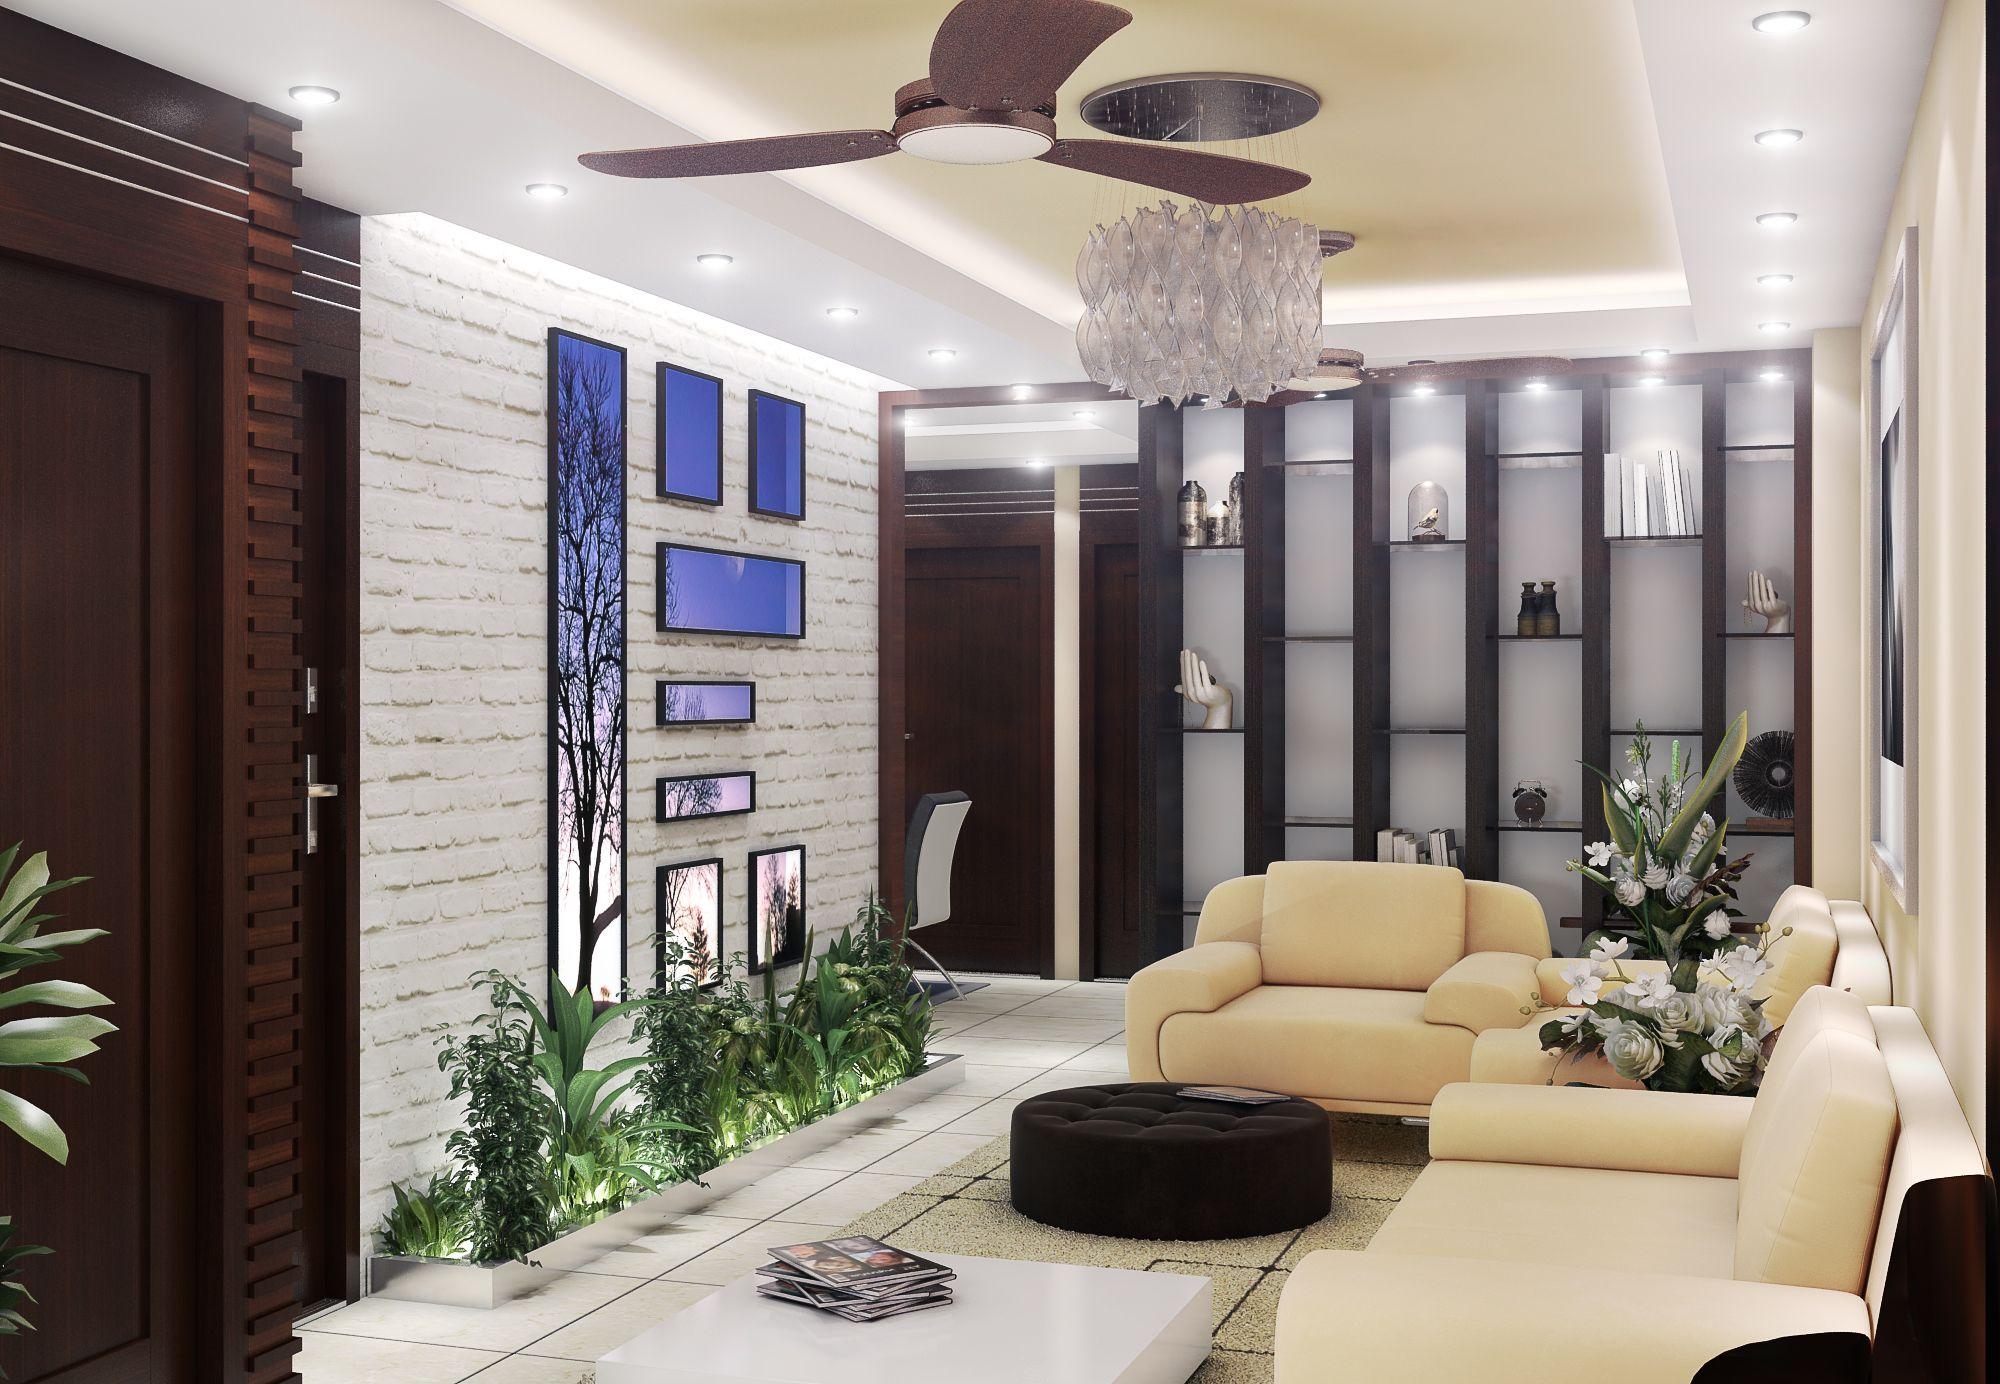 Bangladeshi Interior Design Room Decorating Home Design Room Design